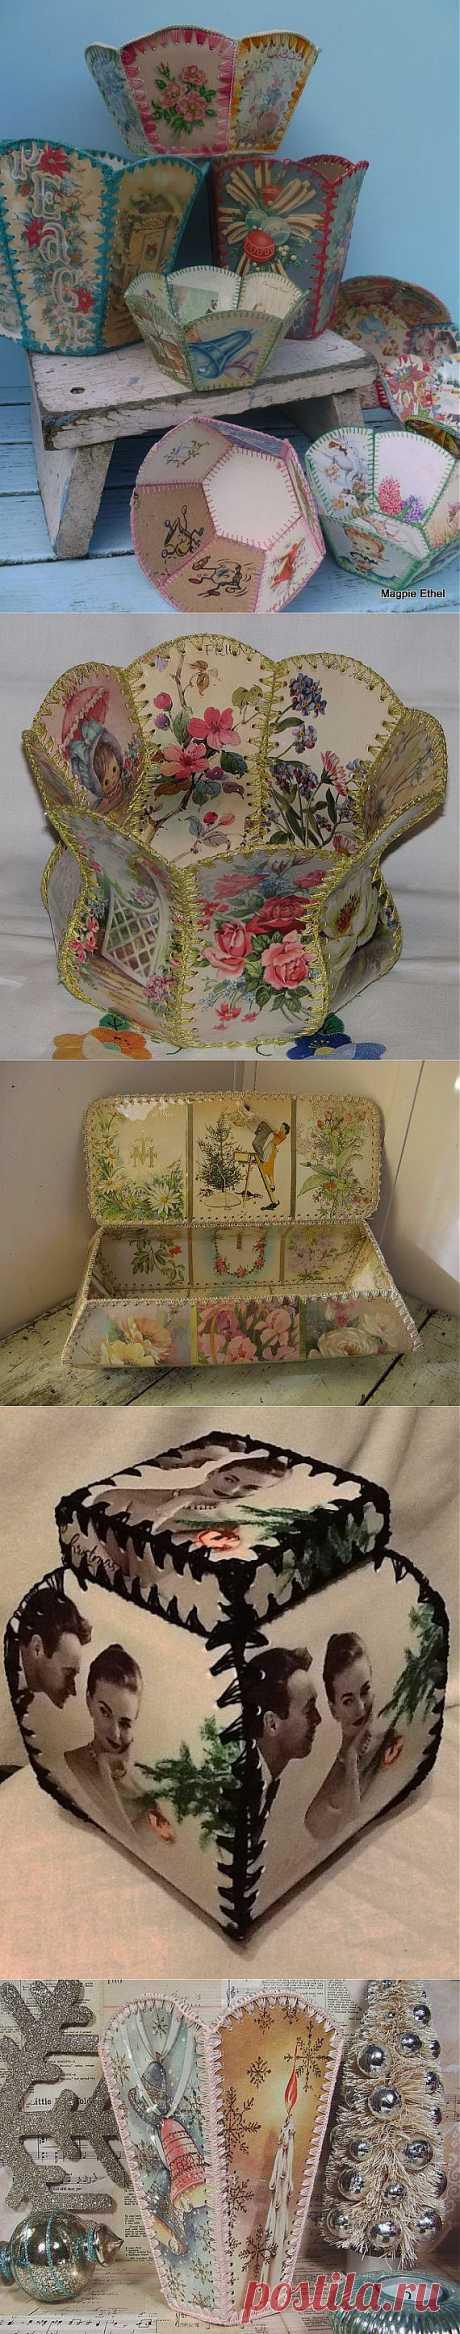 Подборка шкатулок и вызочек из открыток.